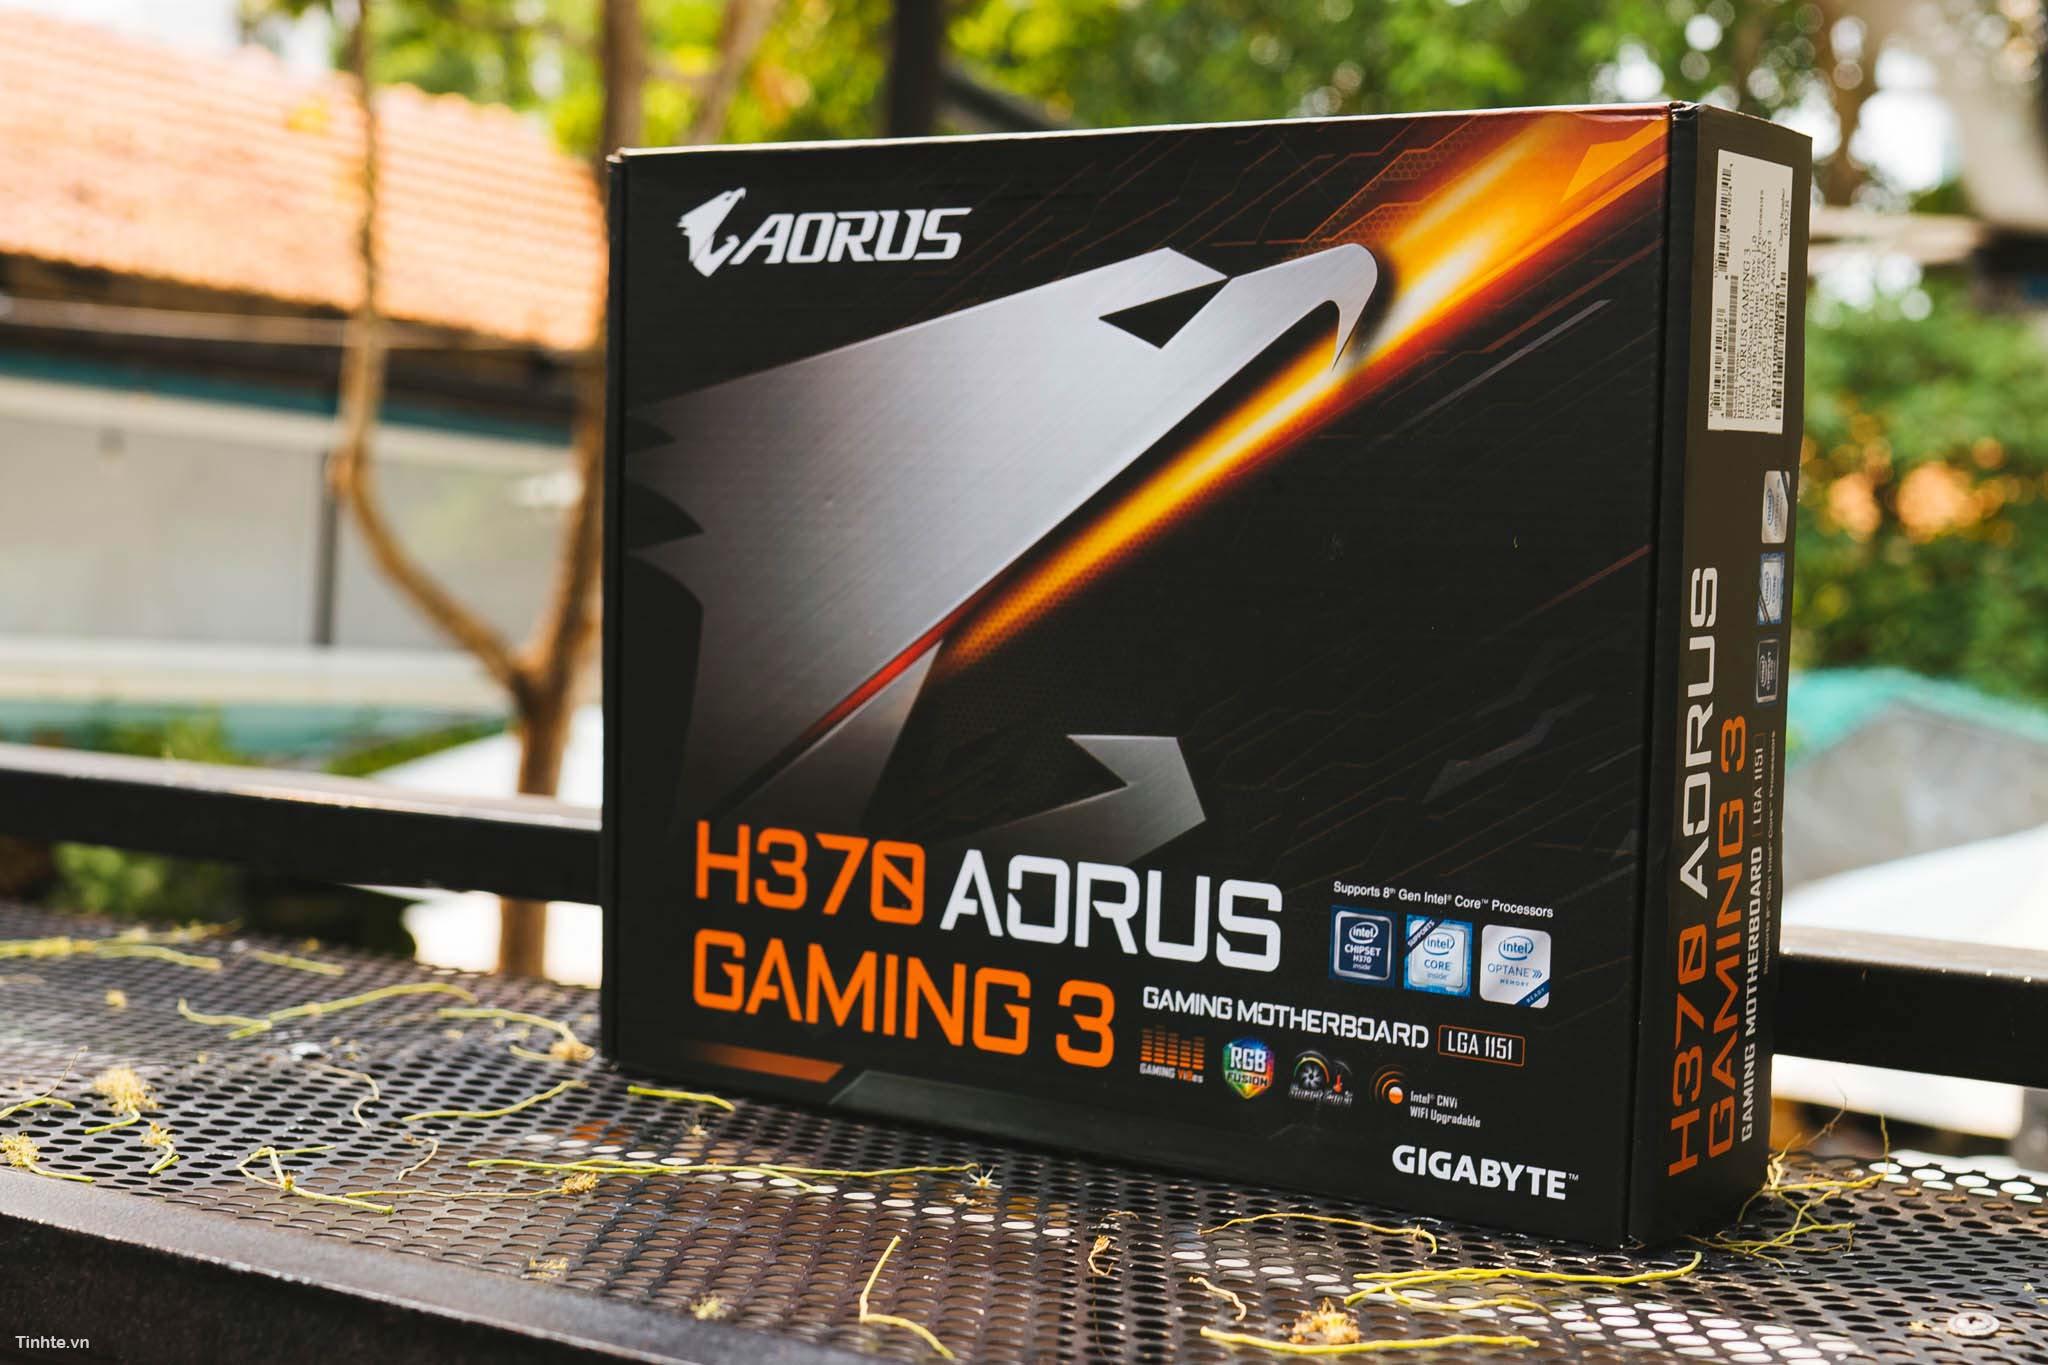 AORUS_H370_GAMING3-19.jpg